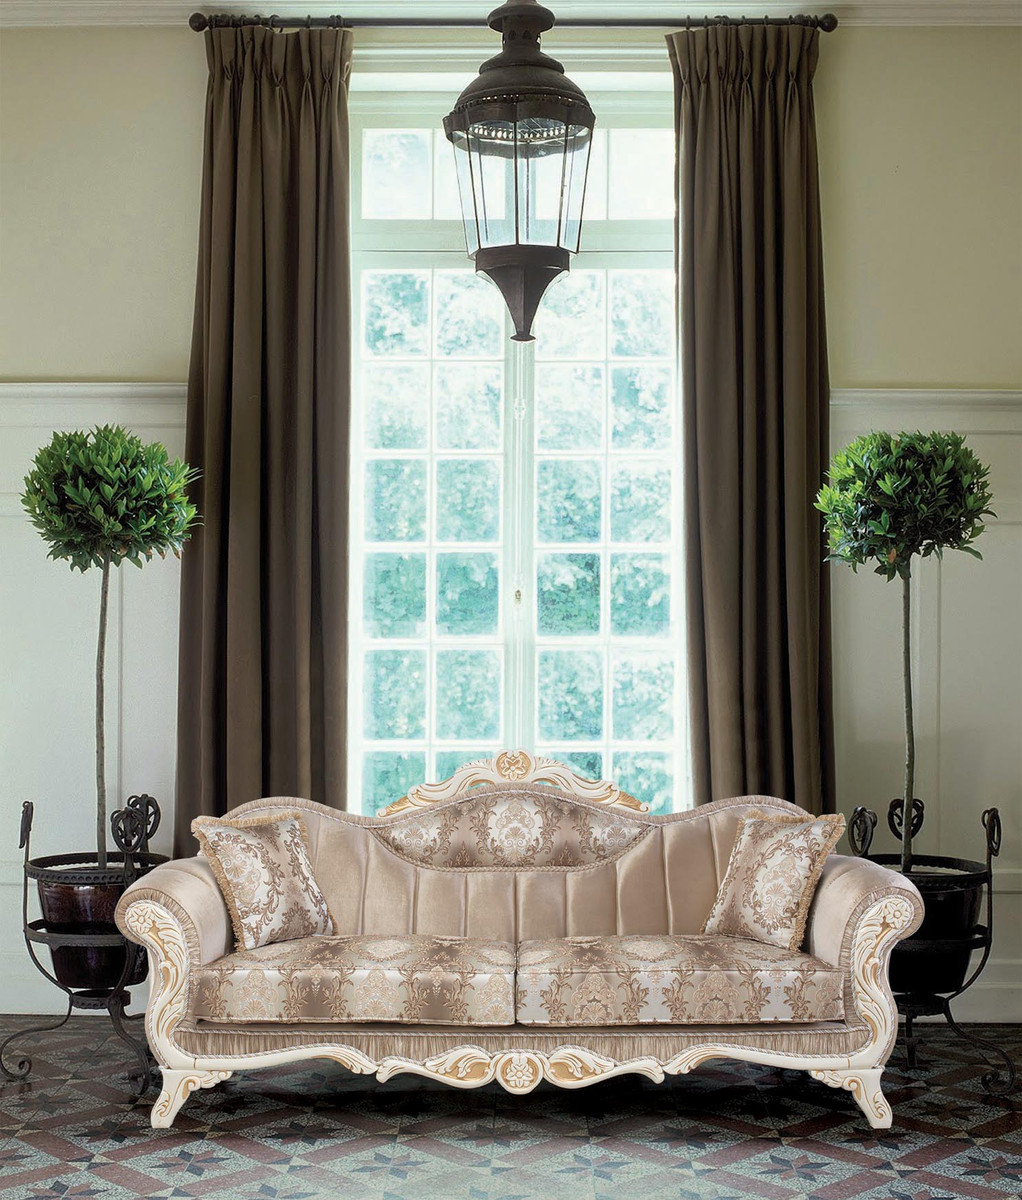 Casa Padrino Luxus Barock Wohnzimmer Set Beige Weiss Gold 2 Sofas Amp 2 Sessel Amp 1 Beistelltisch Prunkvolle Wohnzimmer Mobel Im Barockstil Ceres Webshop